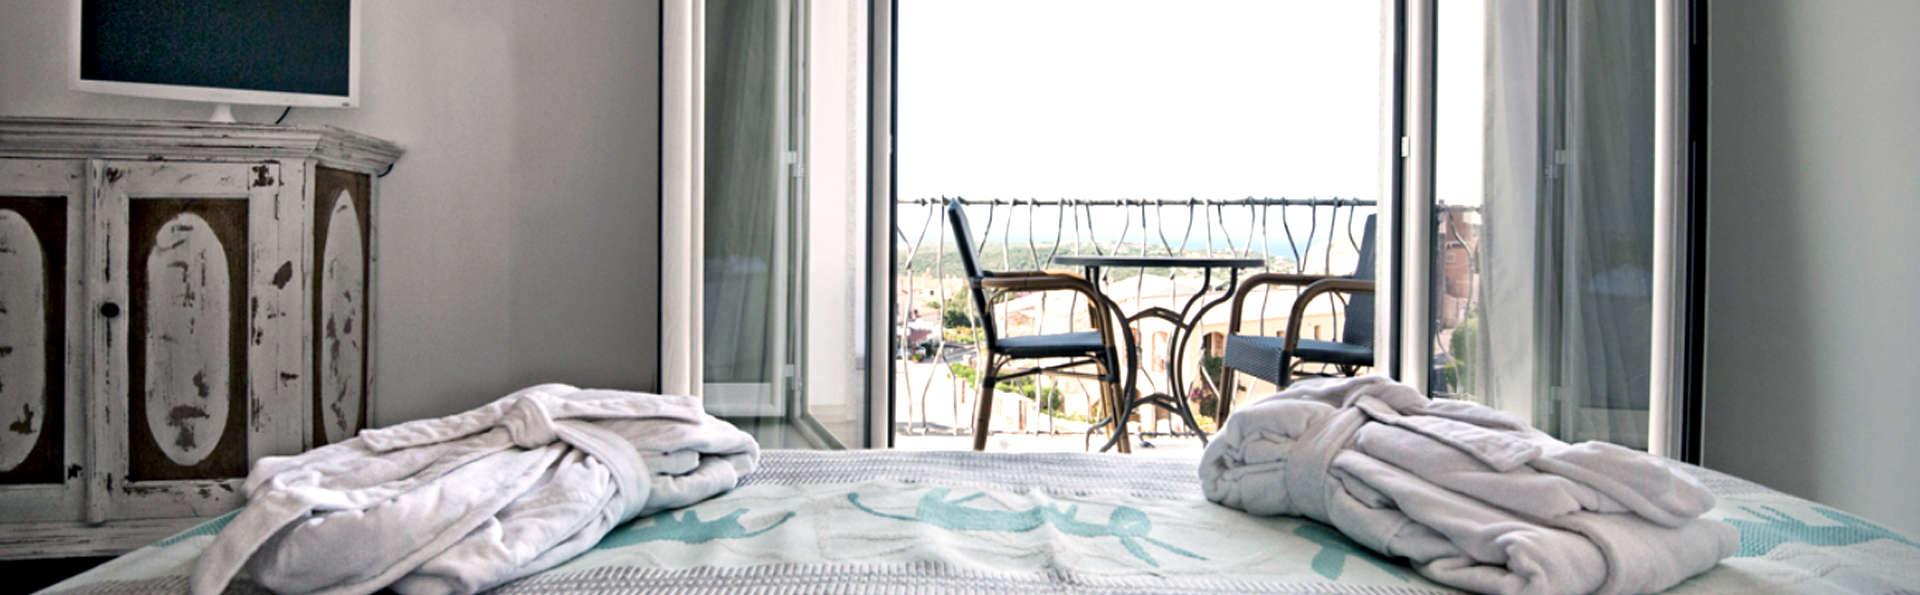 Séjour à Porto Cervo avec surclassement de la chambre avec vue mer